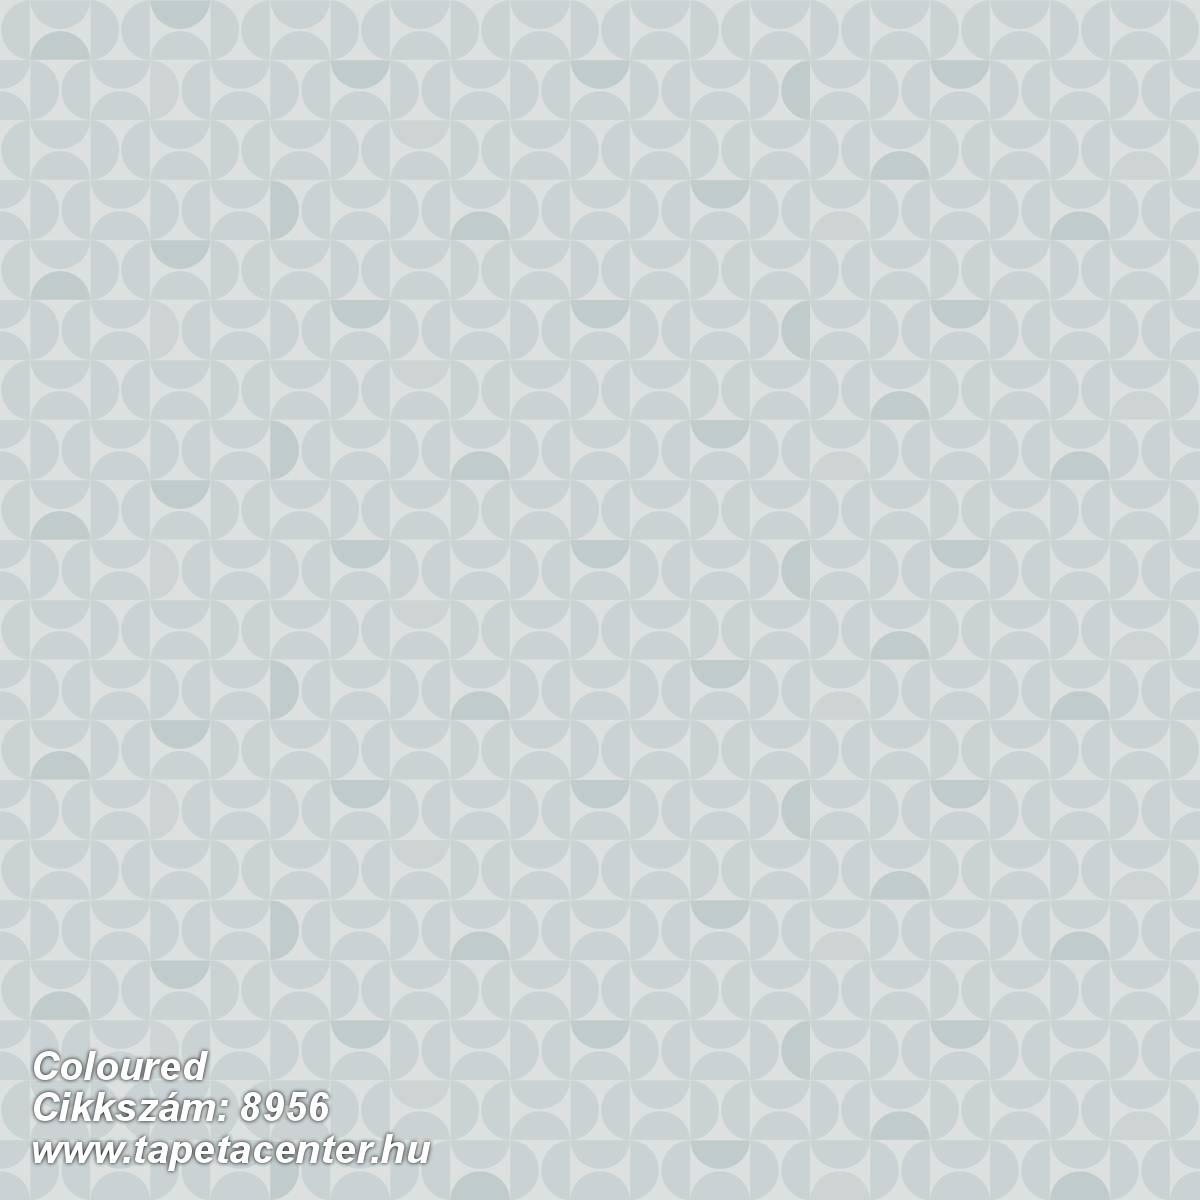 Geometriai mintás,különleges felületű,kék,lemosható,vlies tapéta